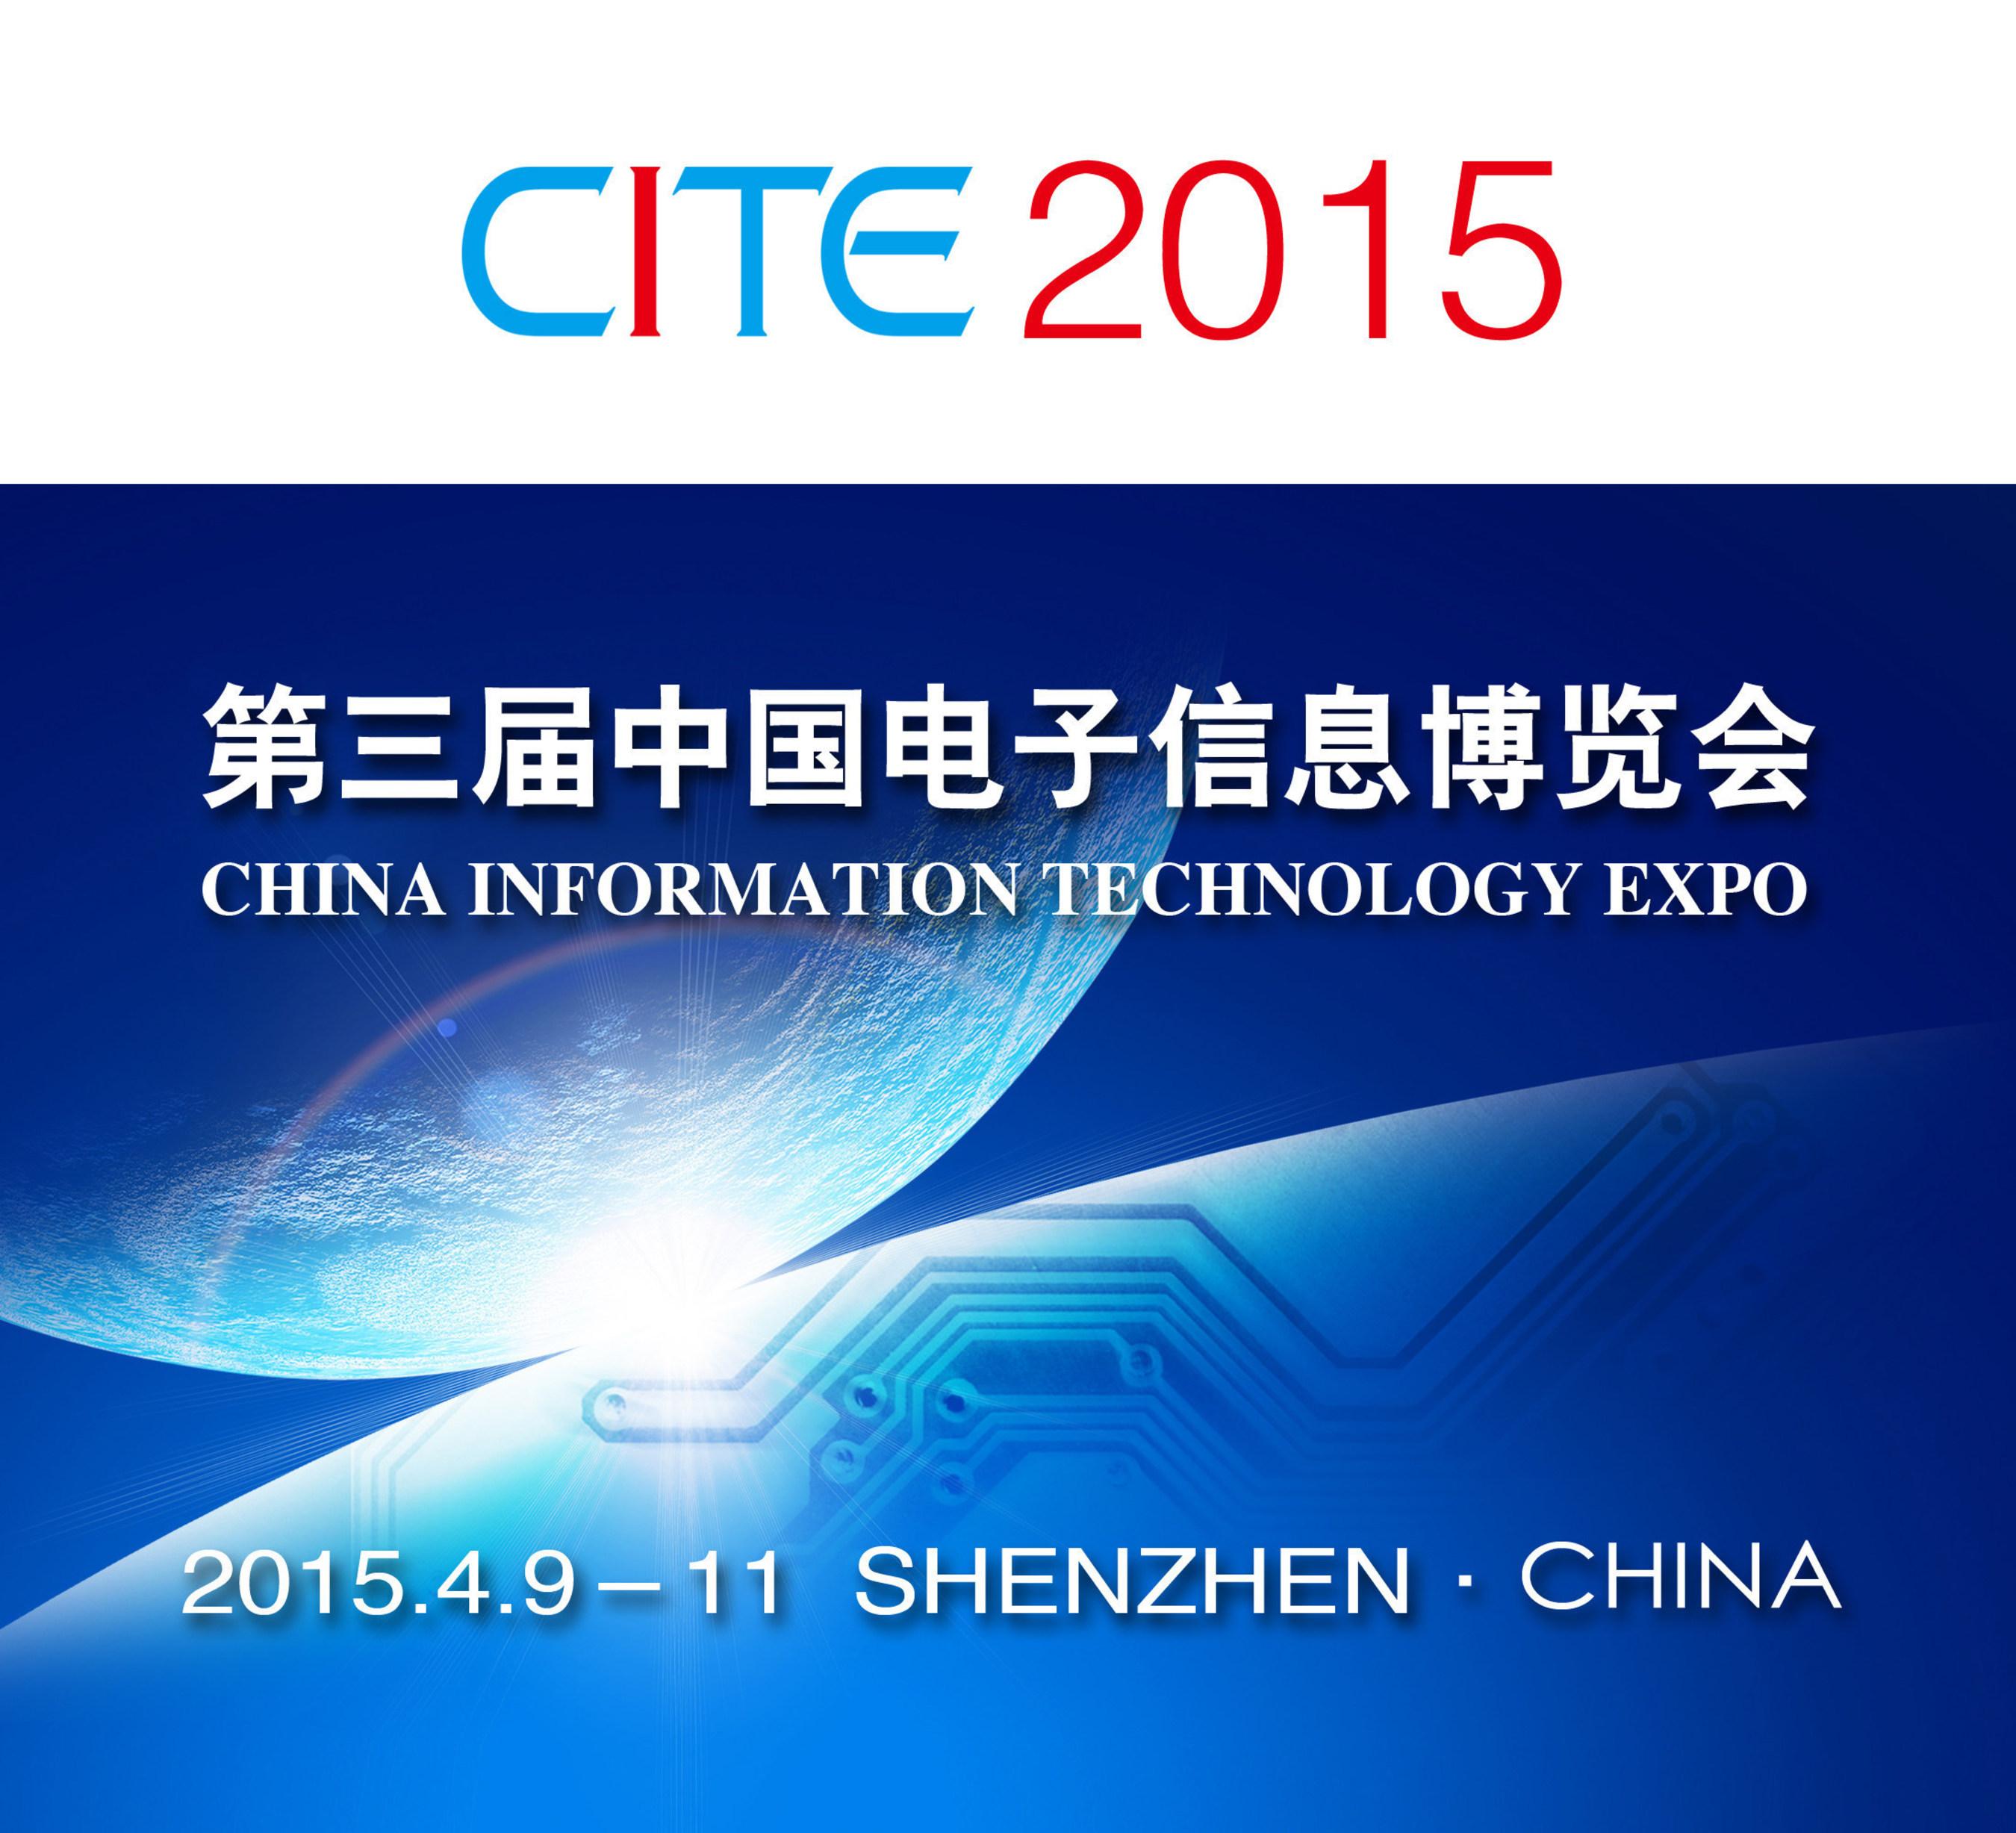 Le CITE 2015 accueillera le monde numérisé du futur